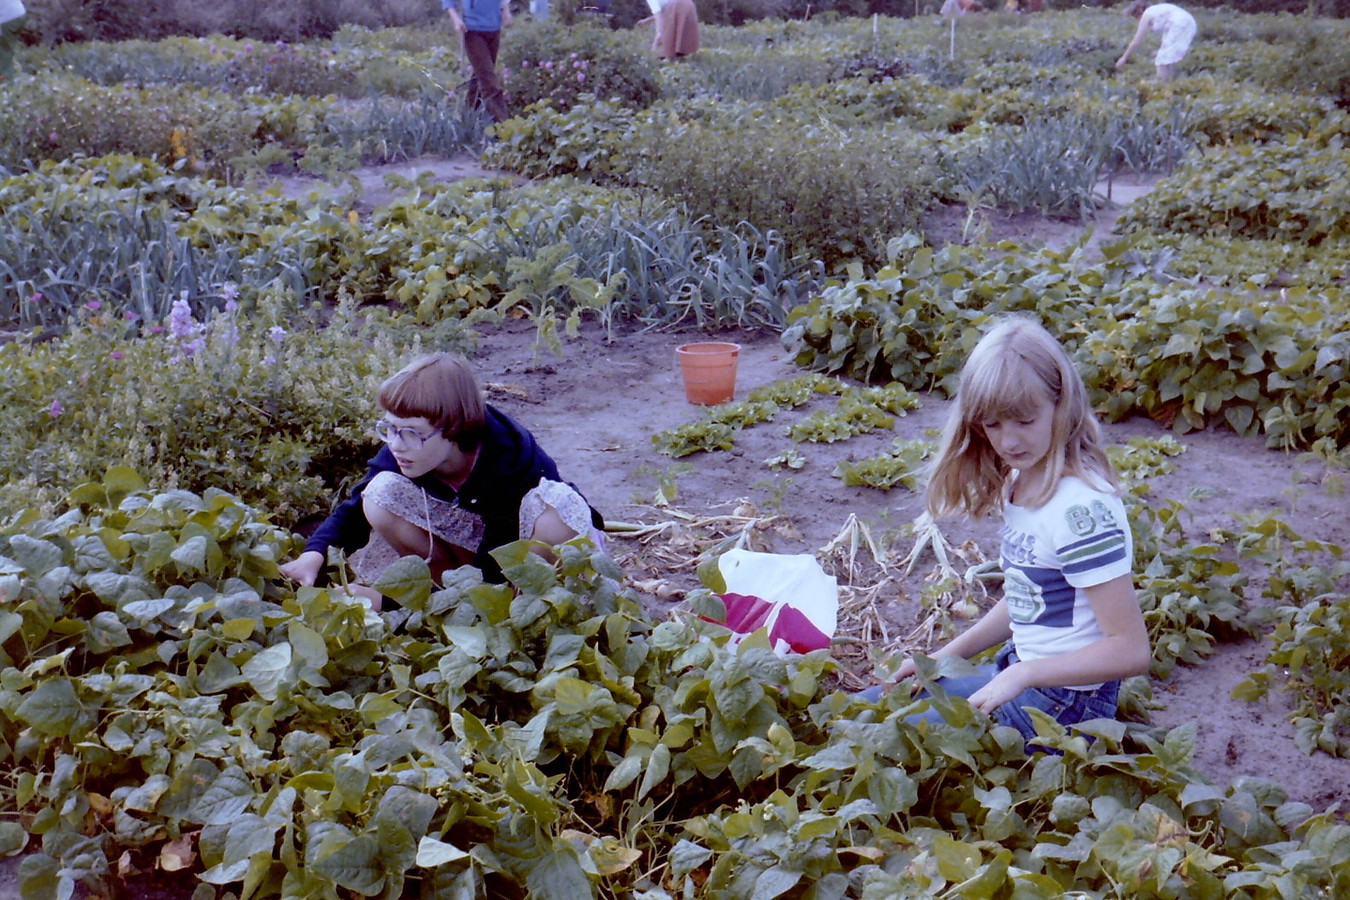 Ter hoogte van de Dahliatuin was vroeger een kindertuin. Kinderen konden hier onder begeleiding zelf groentes kweken, zoals boontjes, bietjes, worteltjes en sla. De tuin was op de woensdagmiddag en zaterdagmorgen geopend. Het meisje links op deze foto uit 1978 is Mirjam Koning met rechts haar nichtje Chieni van Deventer.